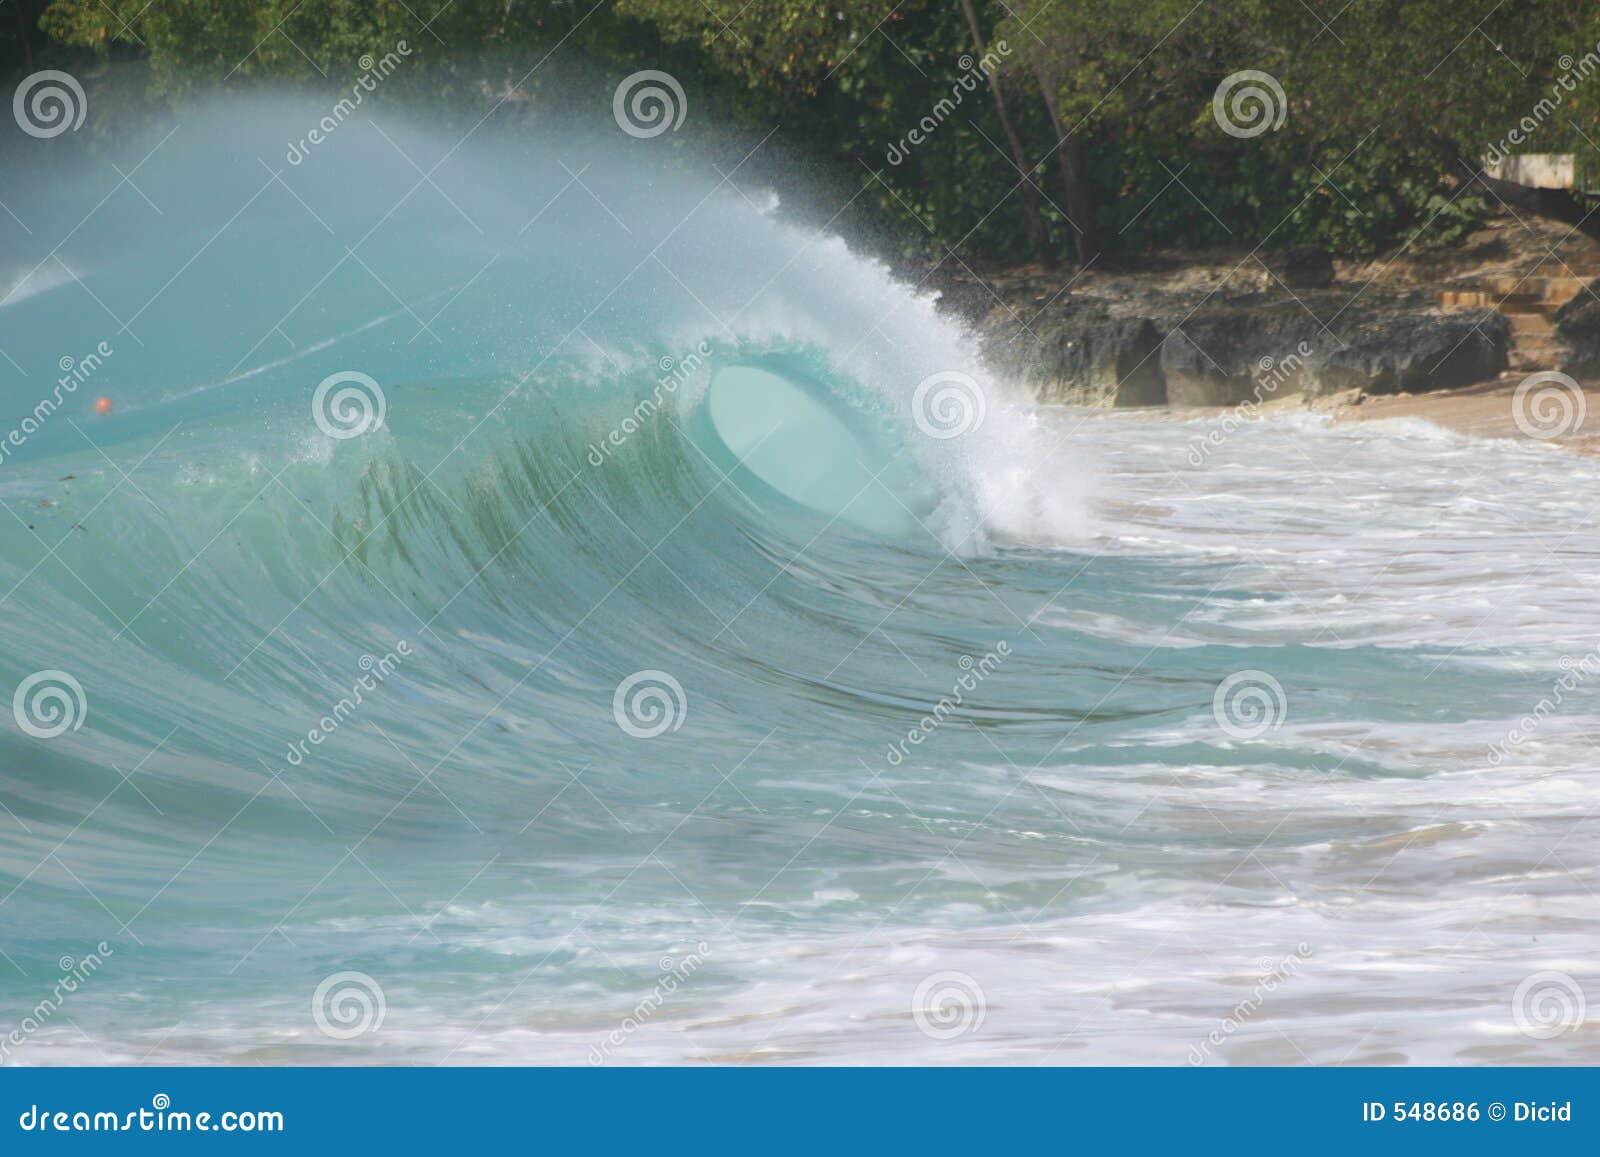 2 shorebreak